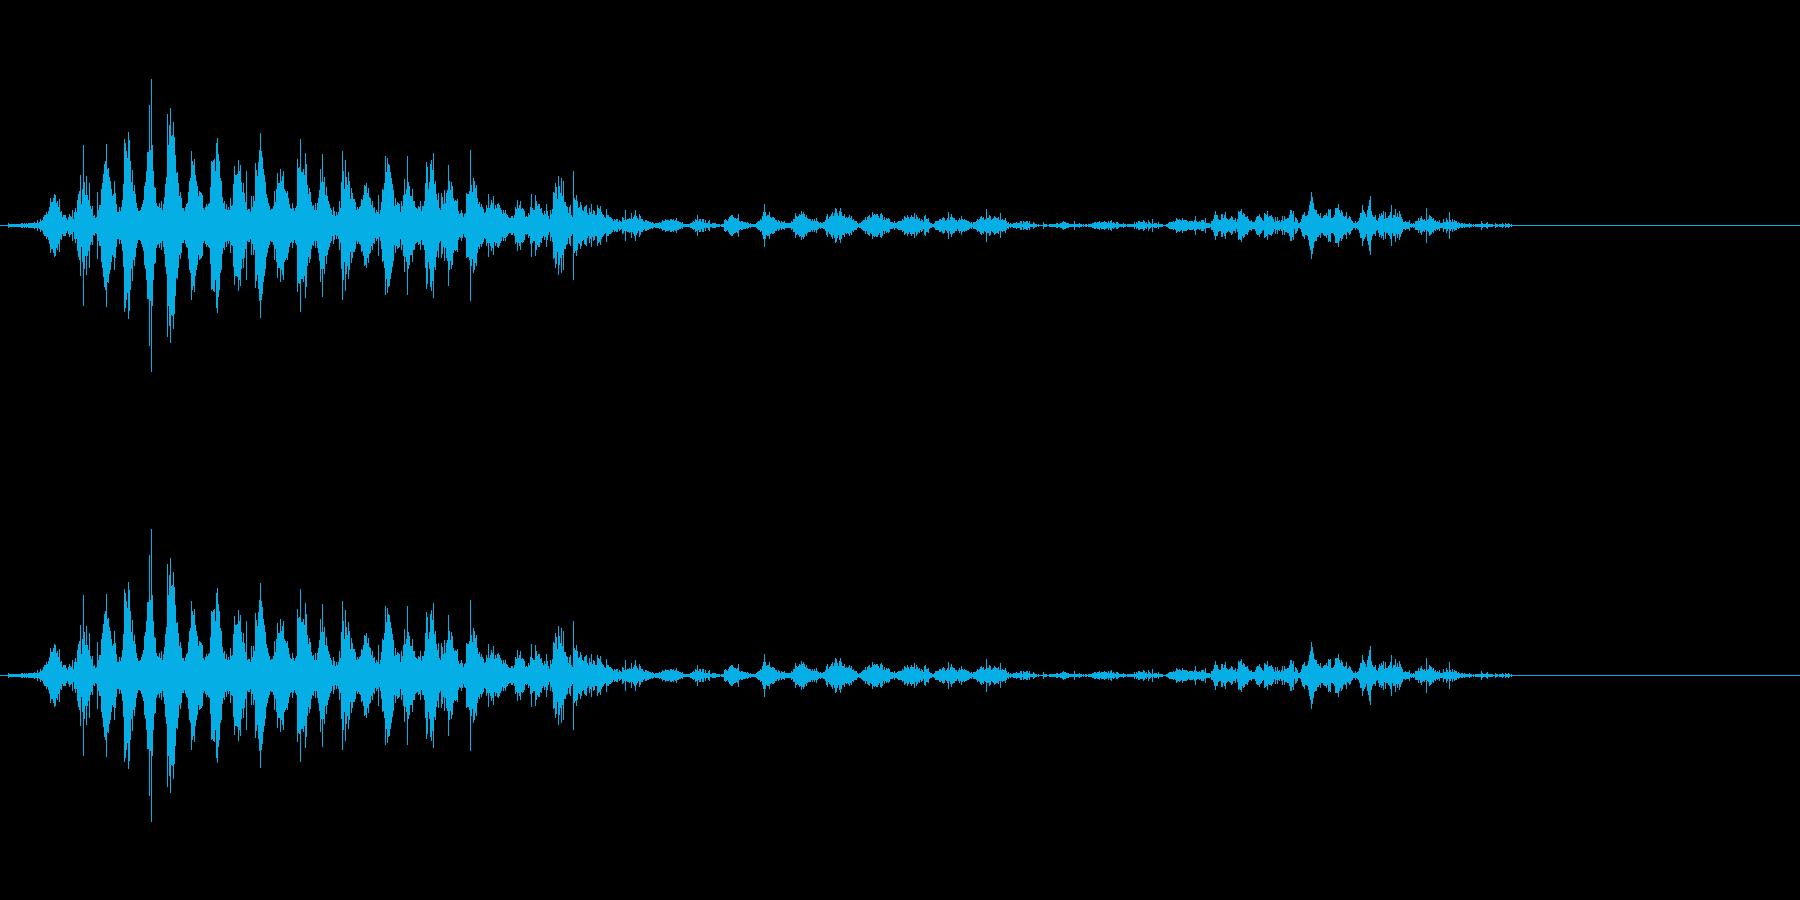 「シャシャシャ〜」木製シェイカーの振り音の再生済みの波形